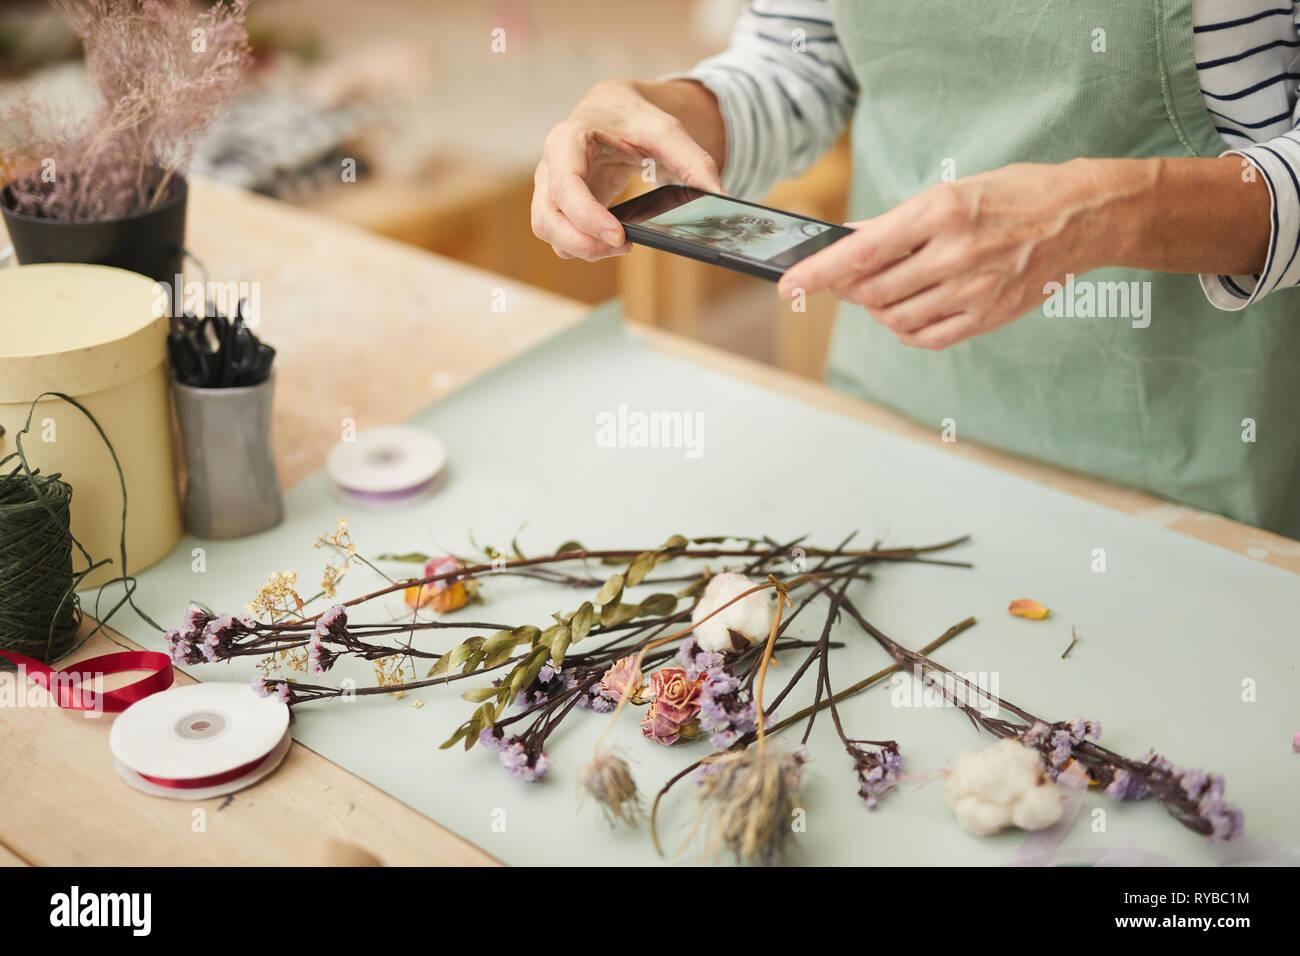 Nahaufnahme des unkenntlich Frau unter Mobile Photo von Blume Zusammensetzung in art studio, Kopie Raum Stockbild